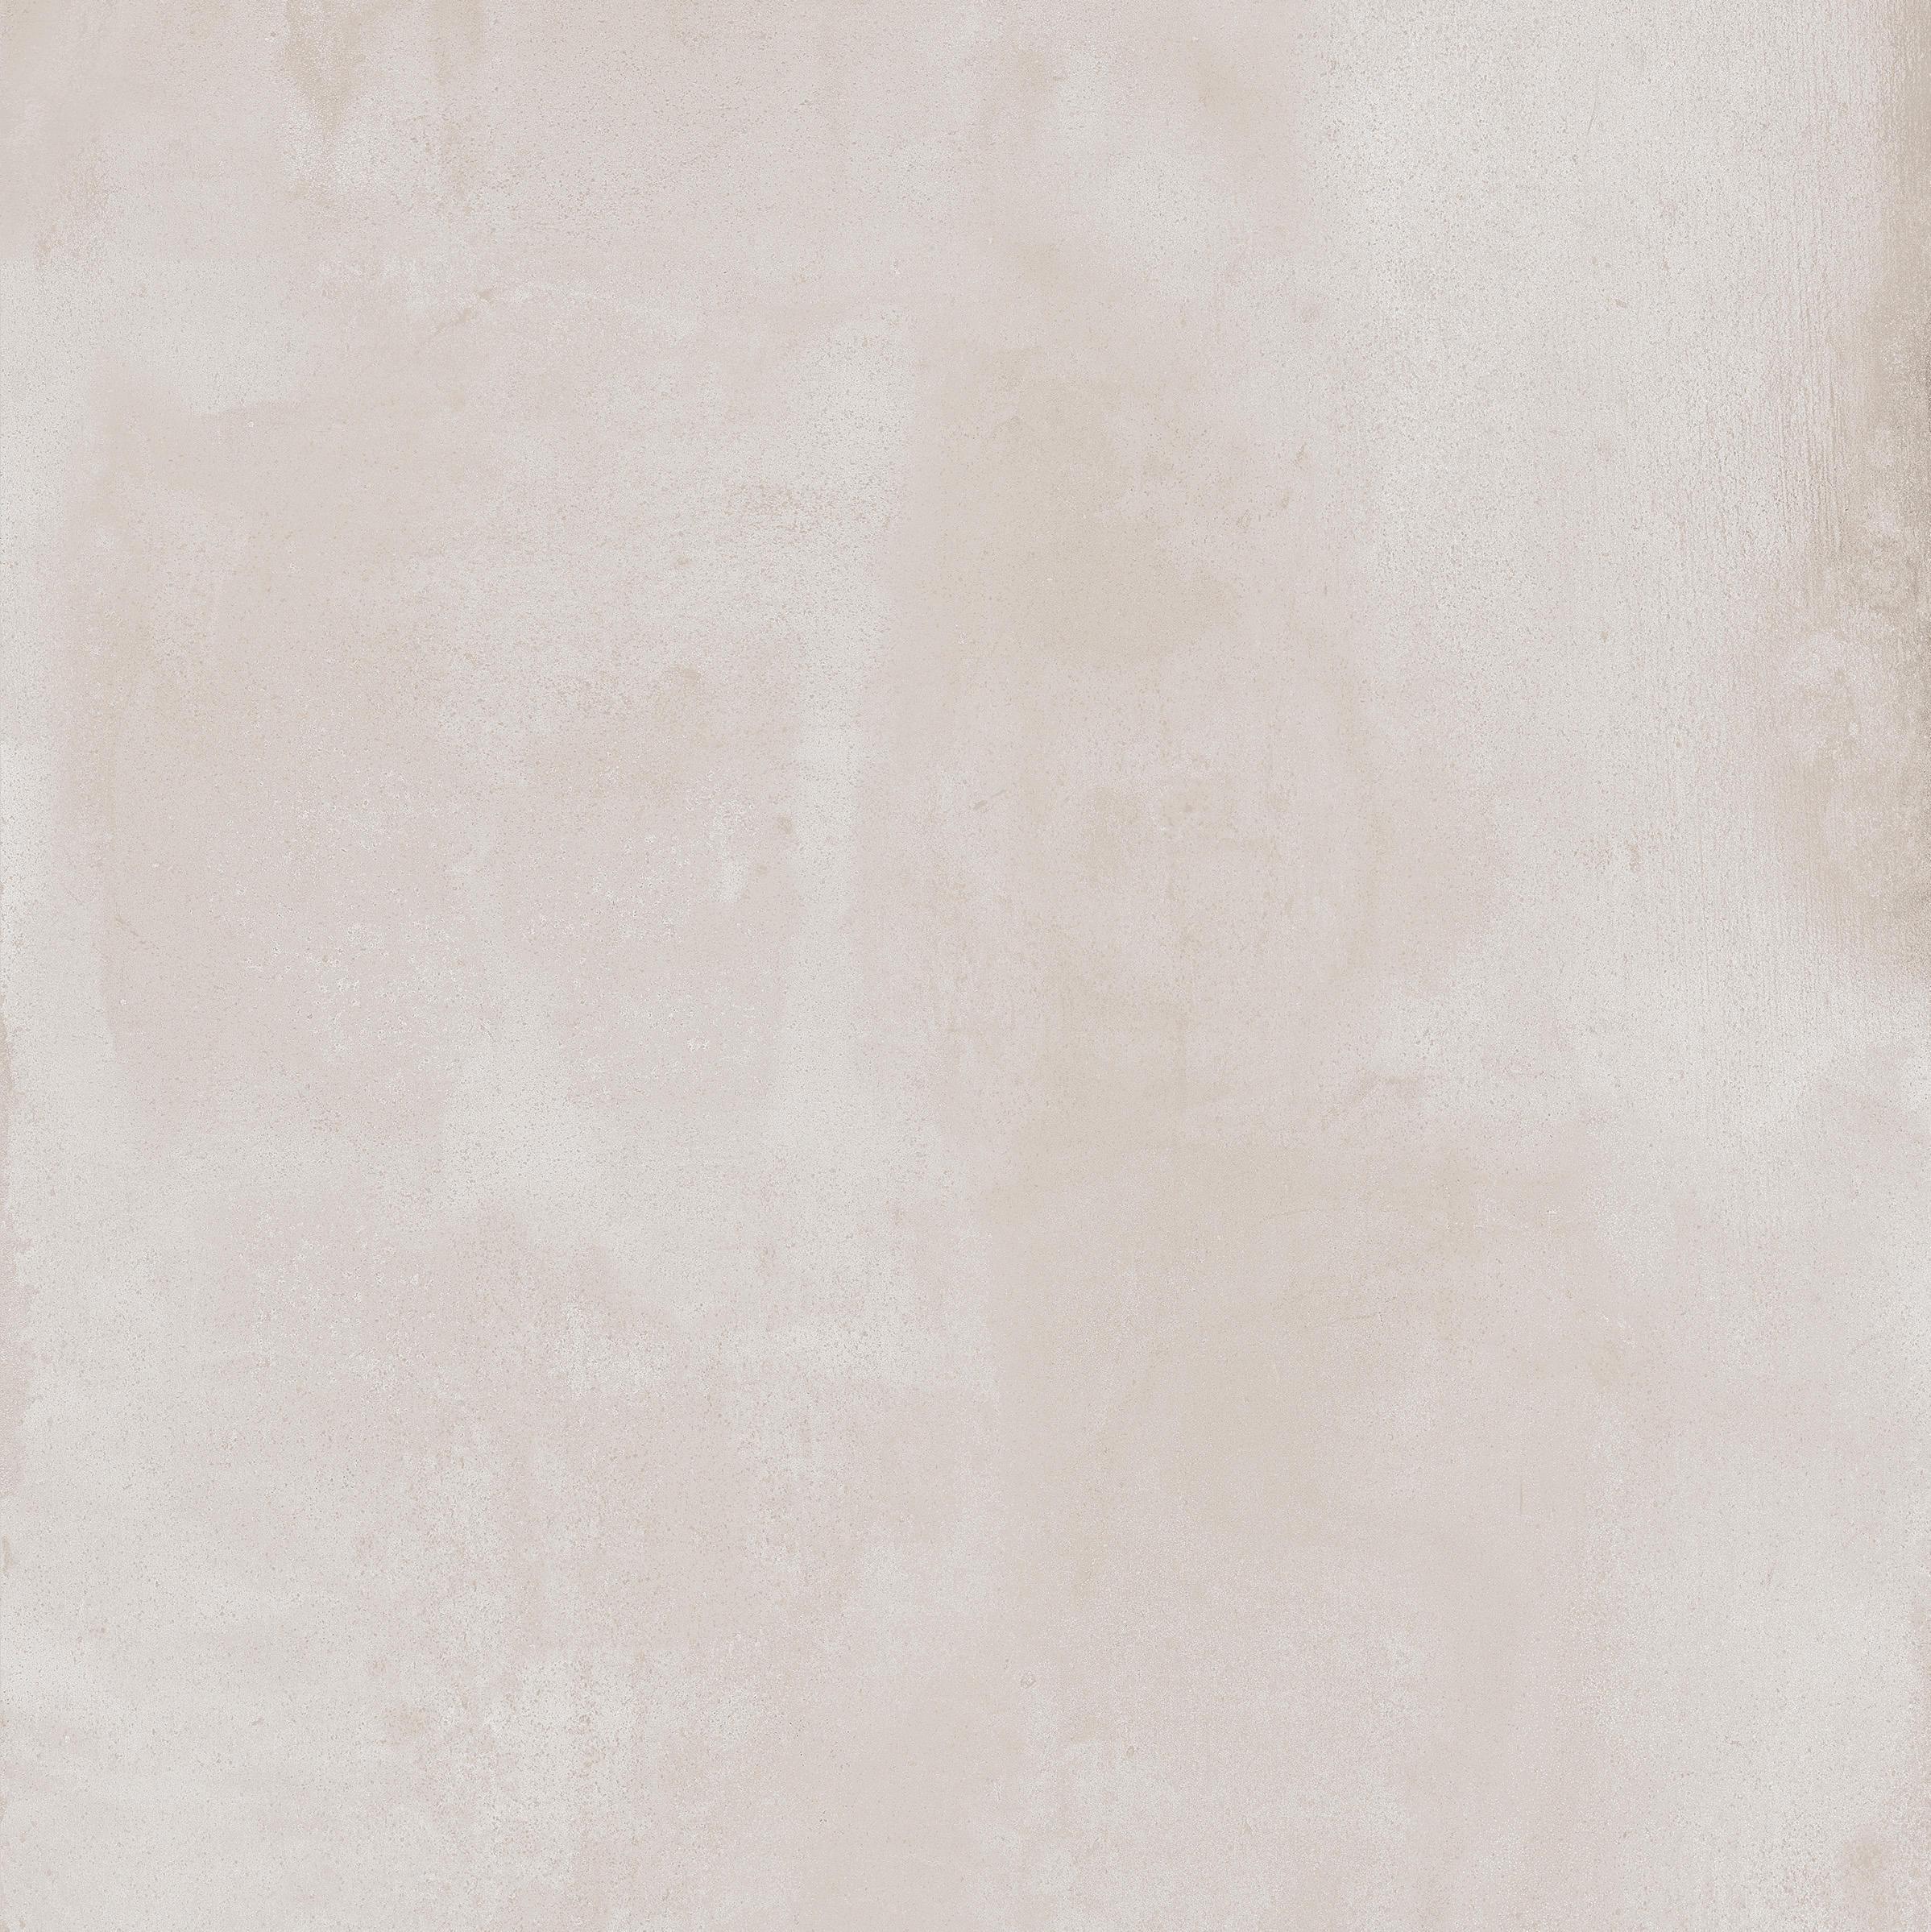 CREA ASH - Piastrelle Ariana Ceramica | Architonic